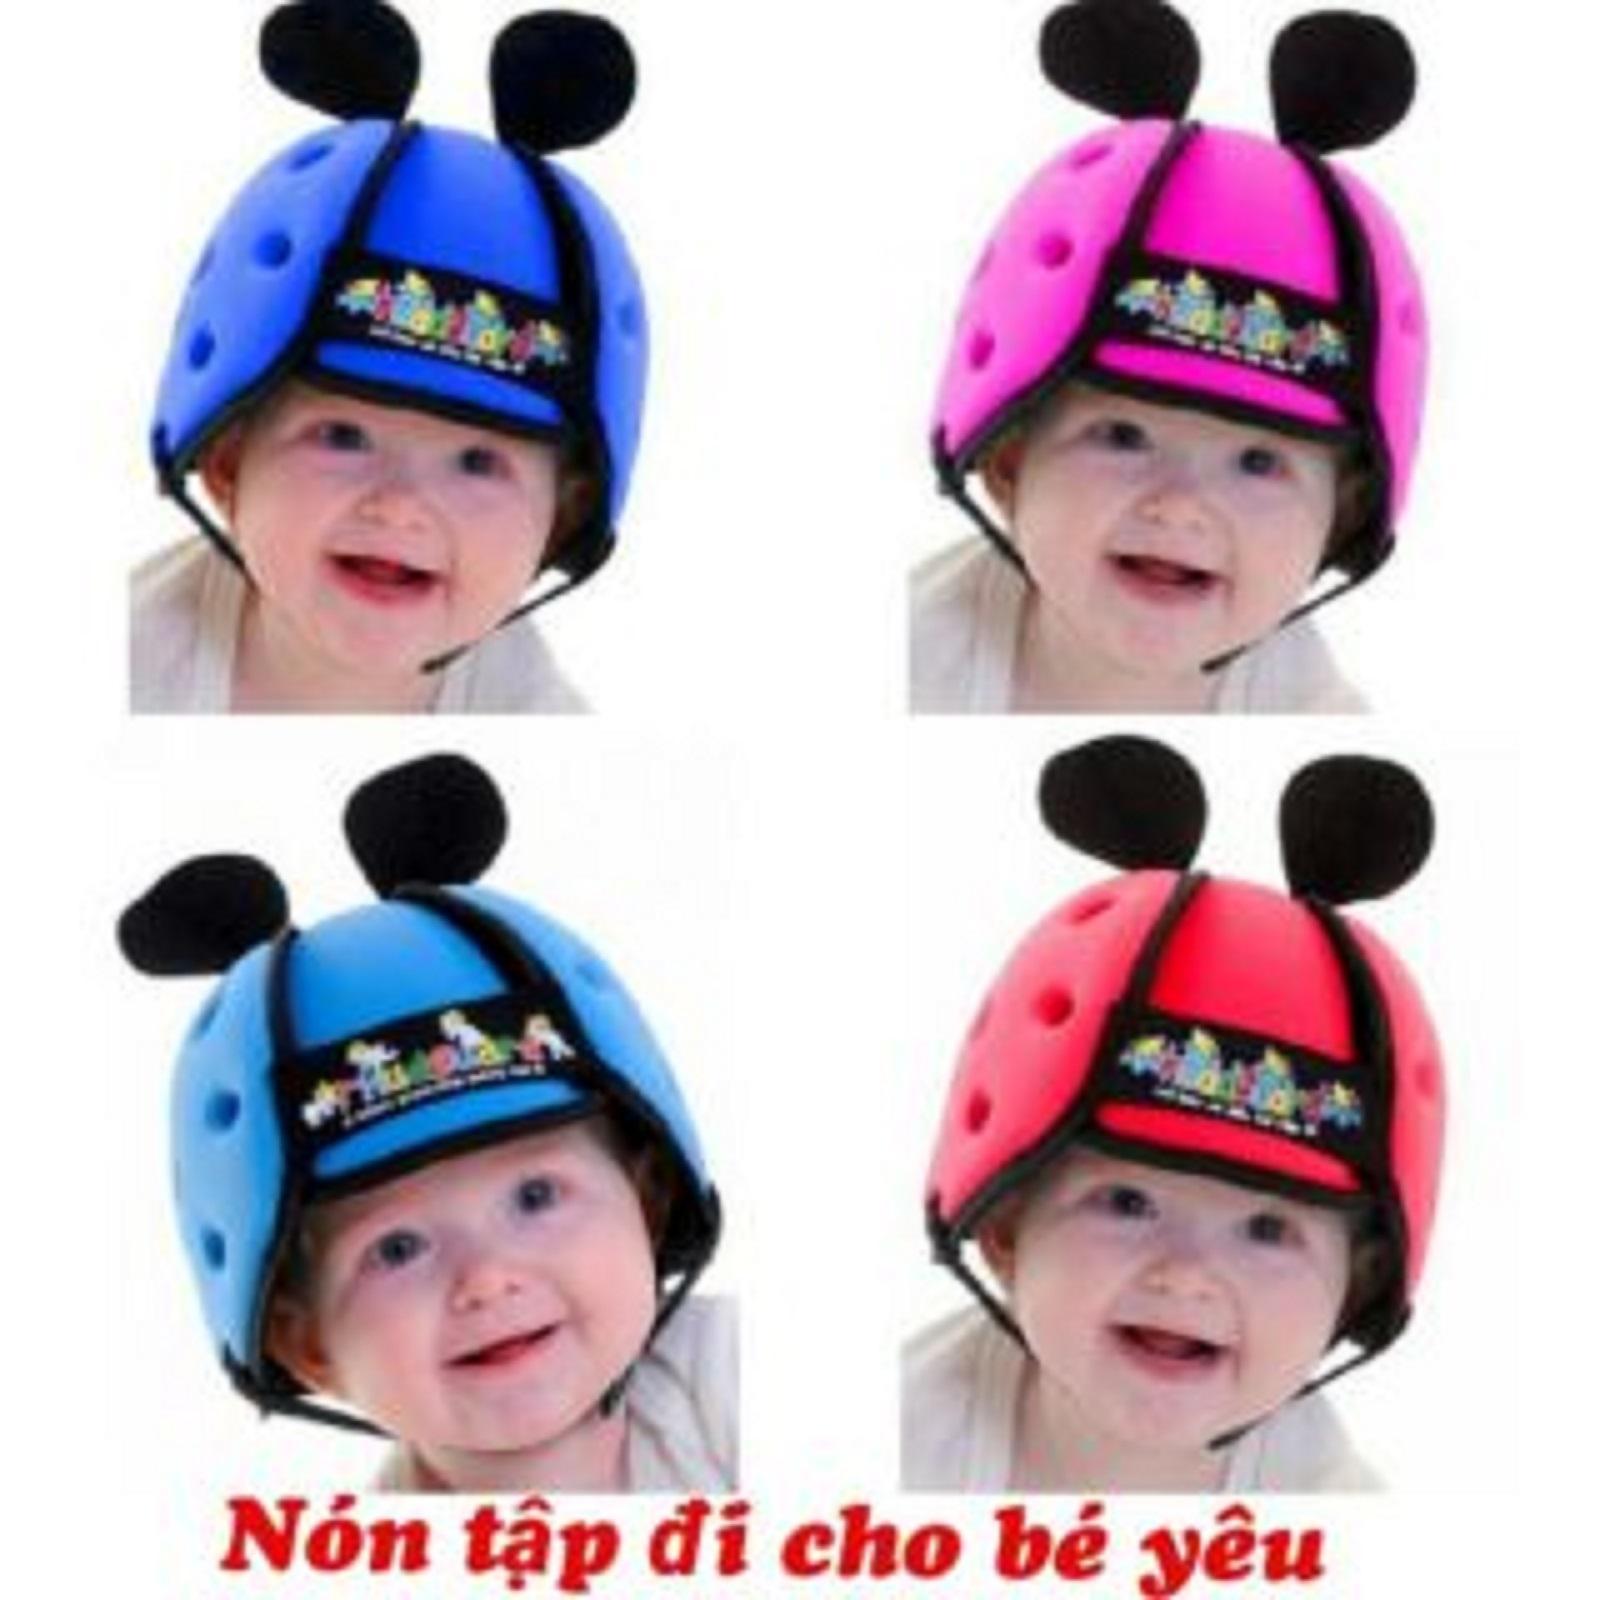 Giá bán Mũ bảo hiểm Bảo Vệ trẻ em - cho bé tập đi